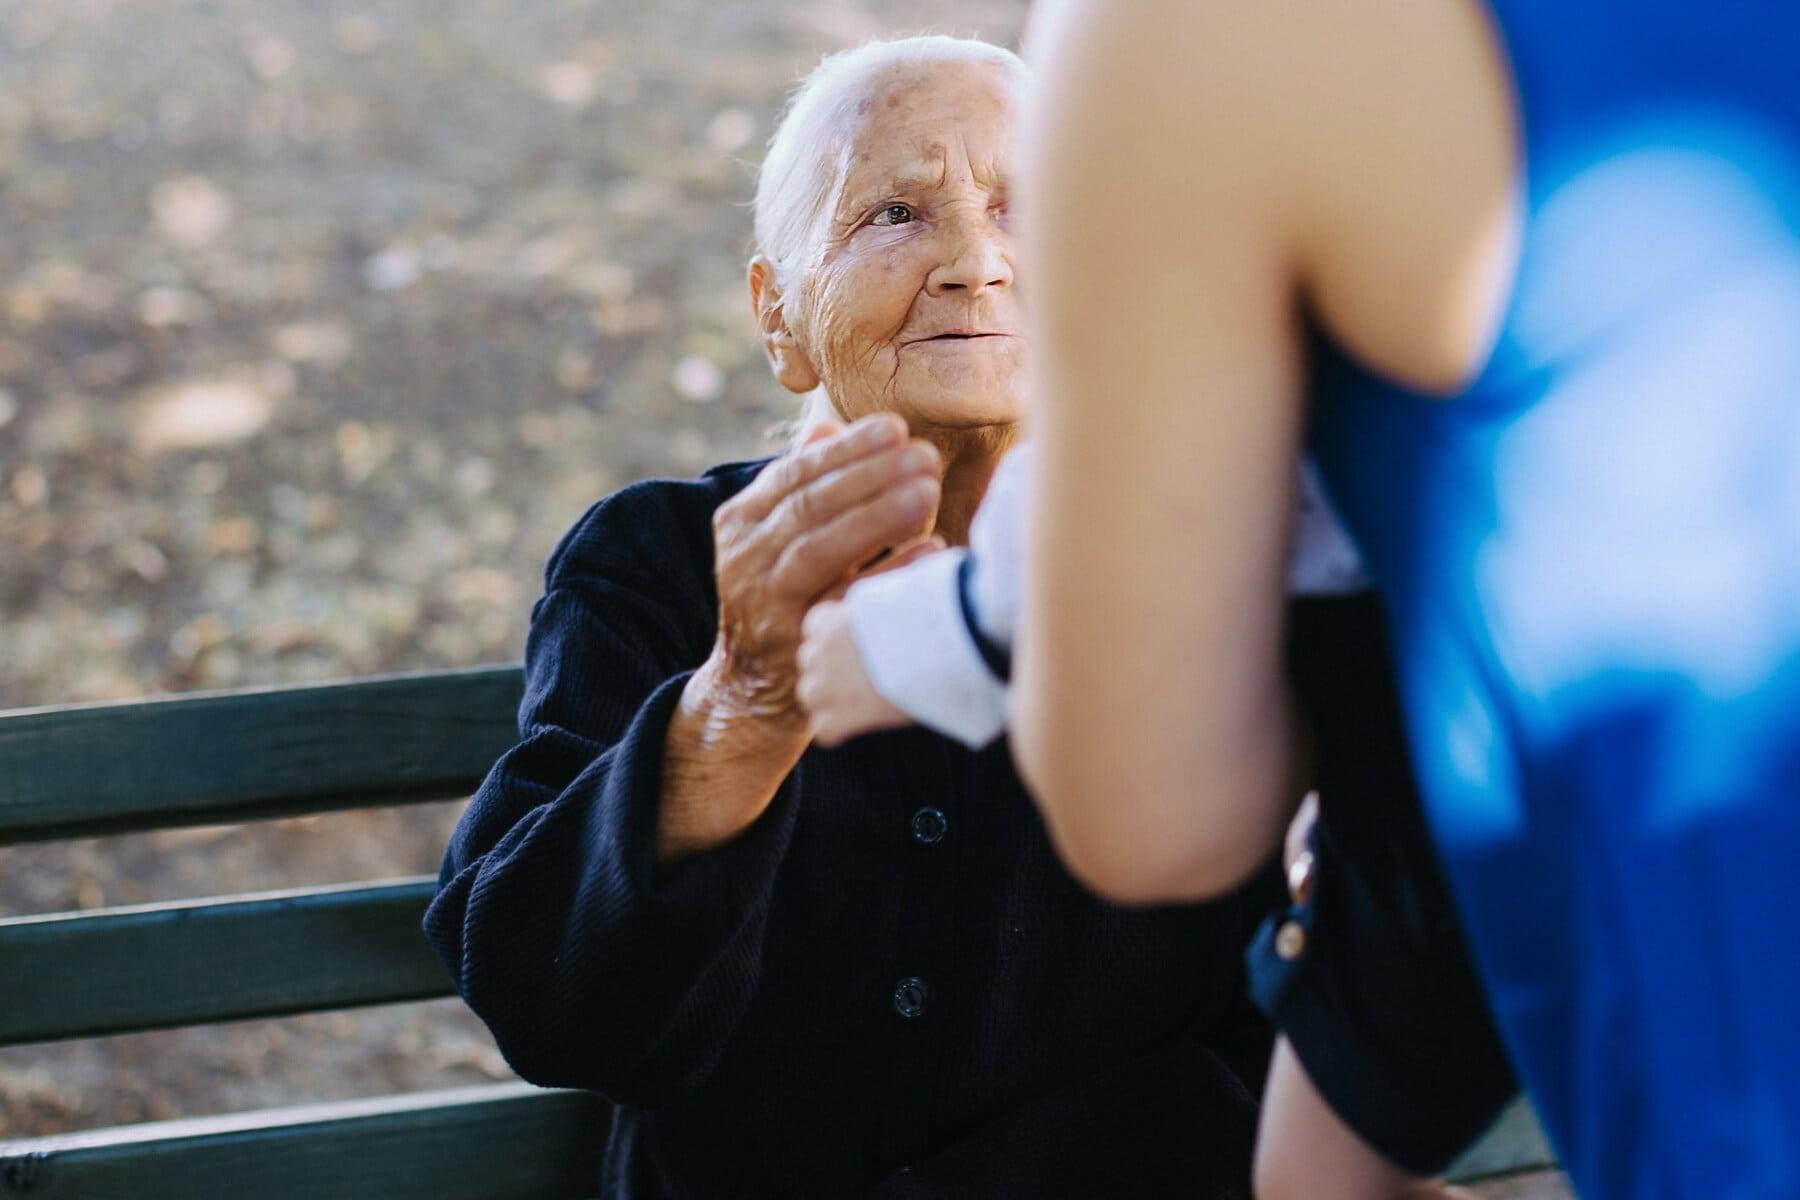 sénior, personnes âgées, mature, grand-mère, petit-enfant, bébé, femme, gens, portrait, à l'extérieur